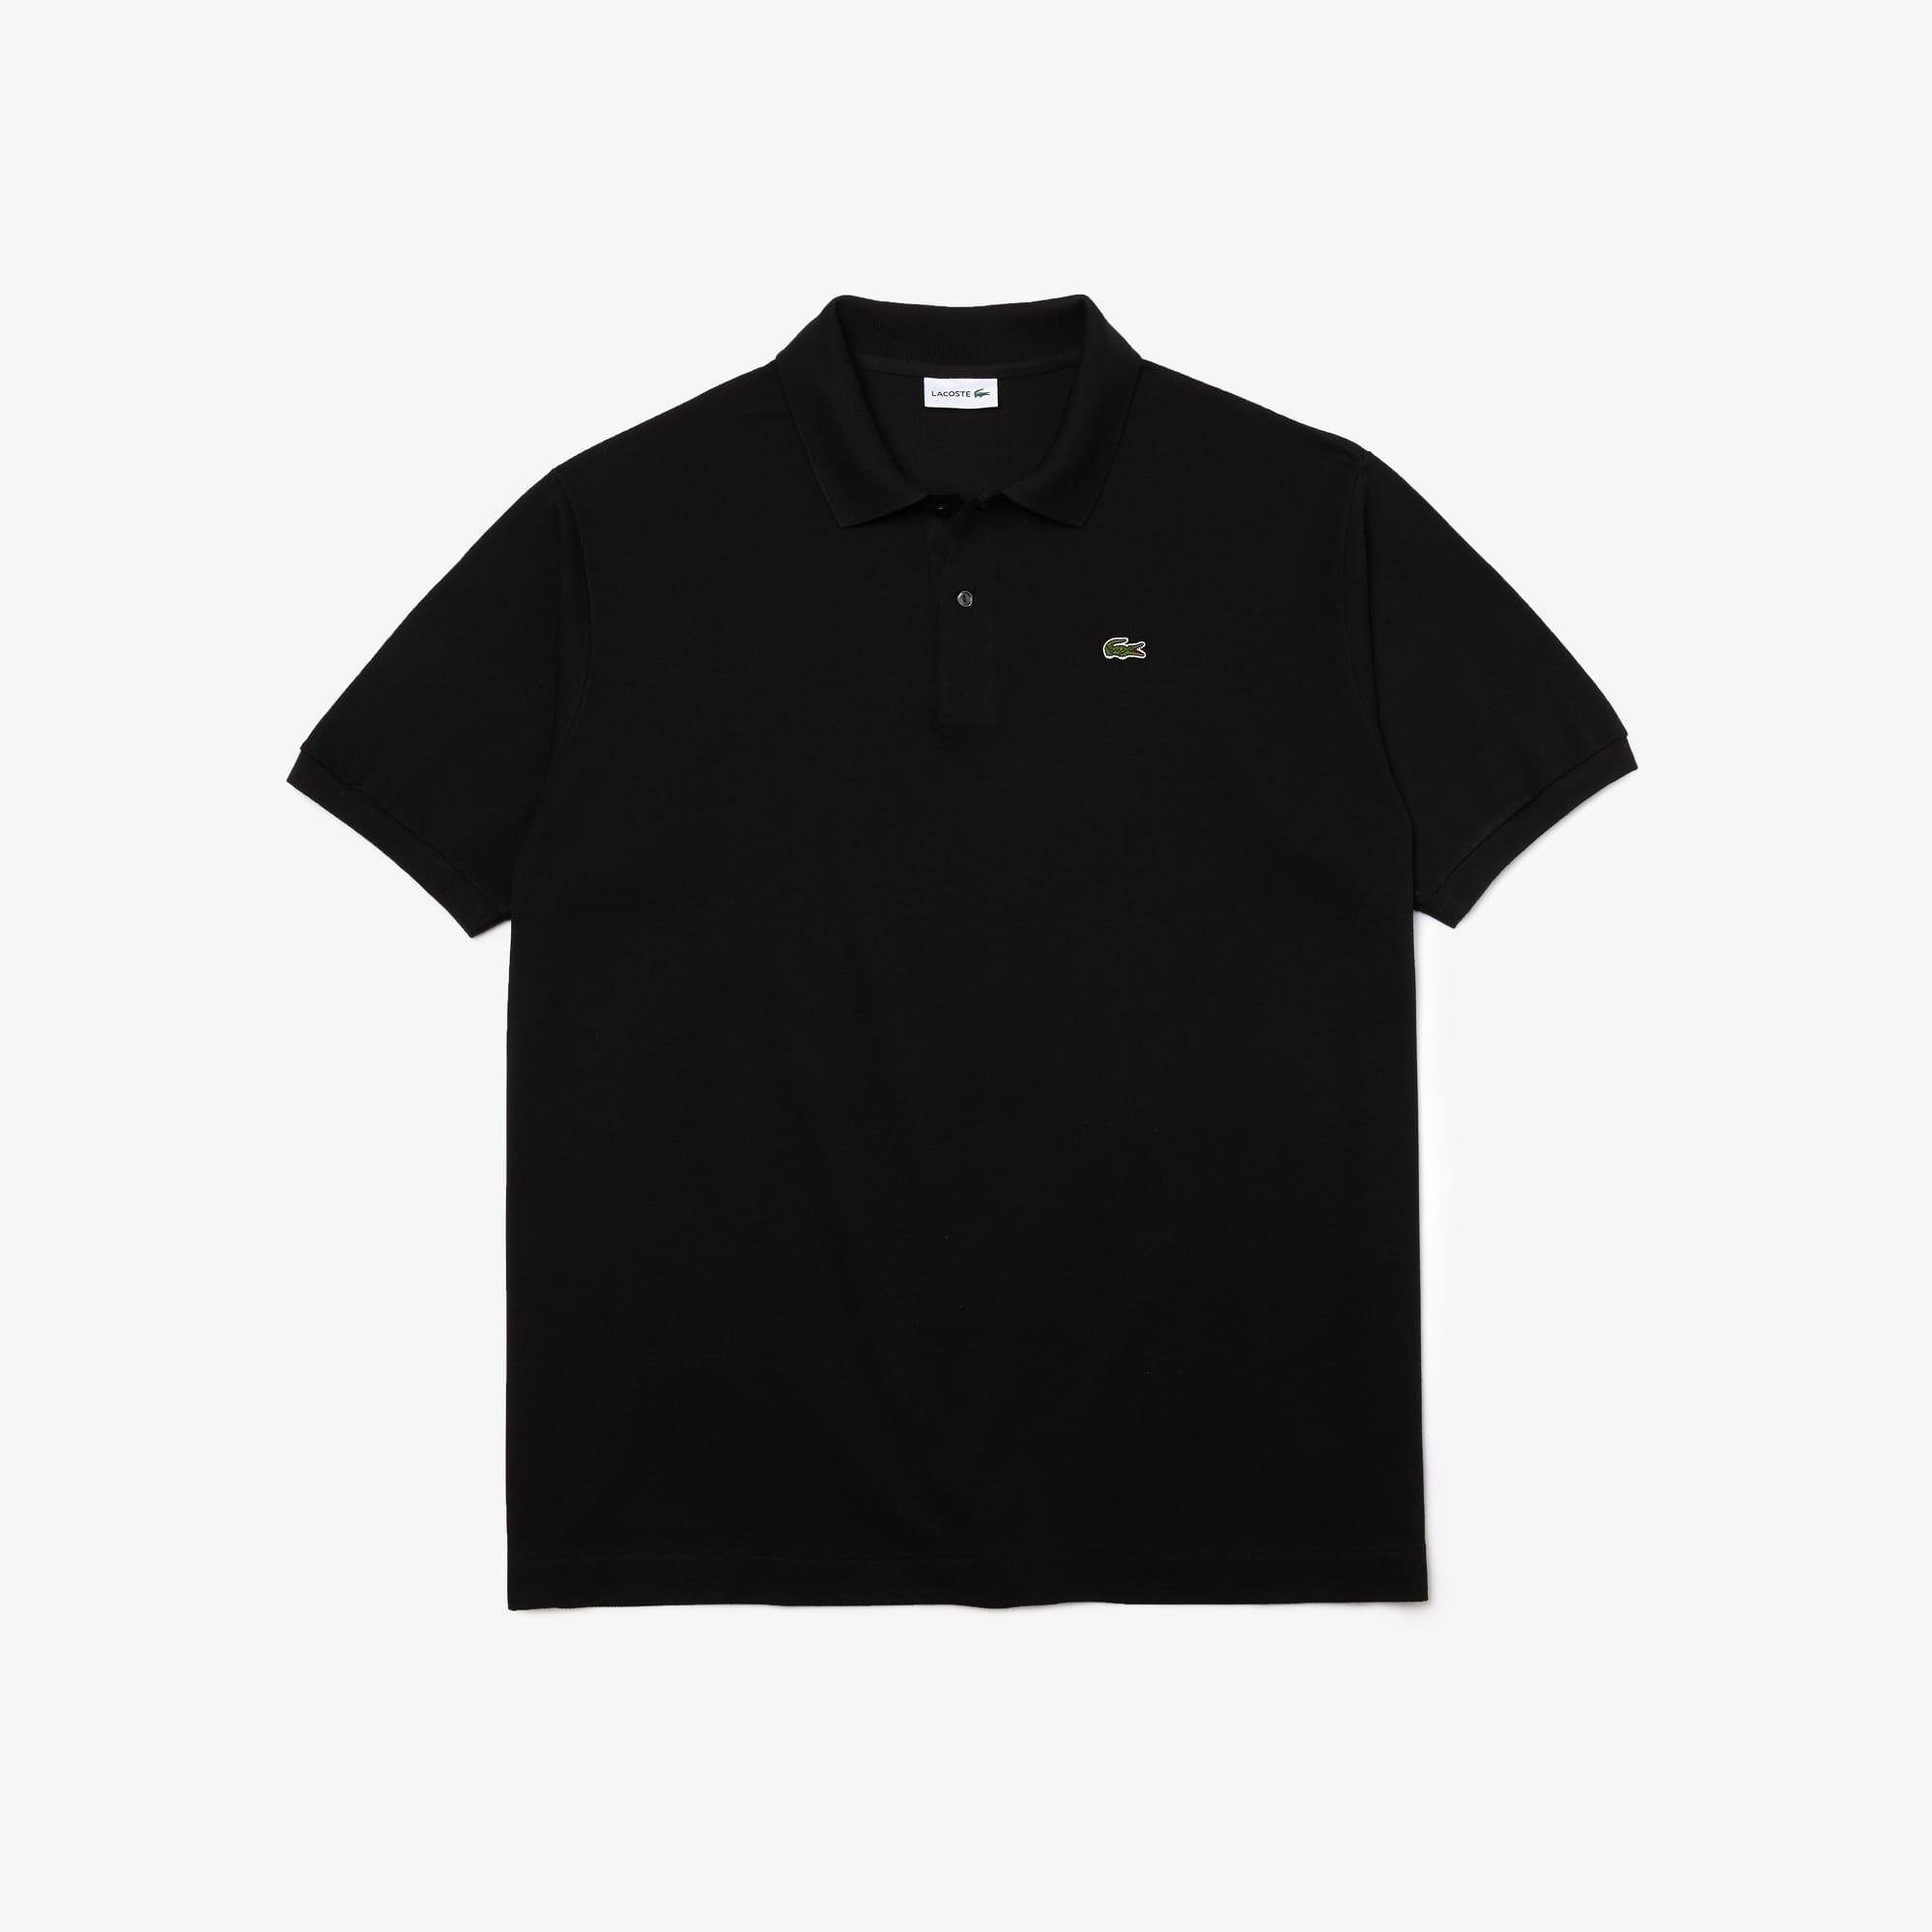 Men's Lacoste Big Fit Cotton Polo Shirt